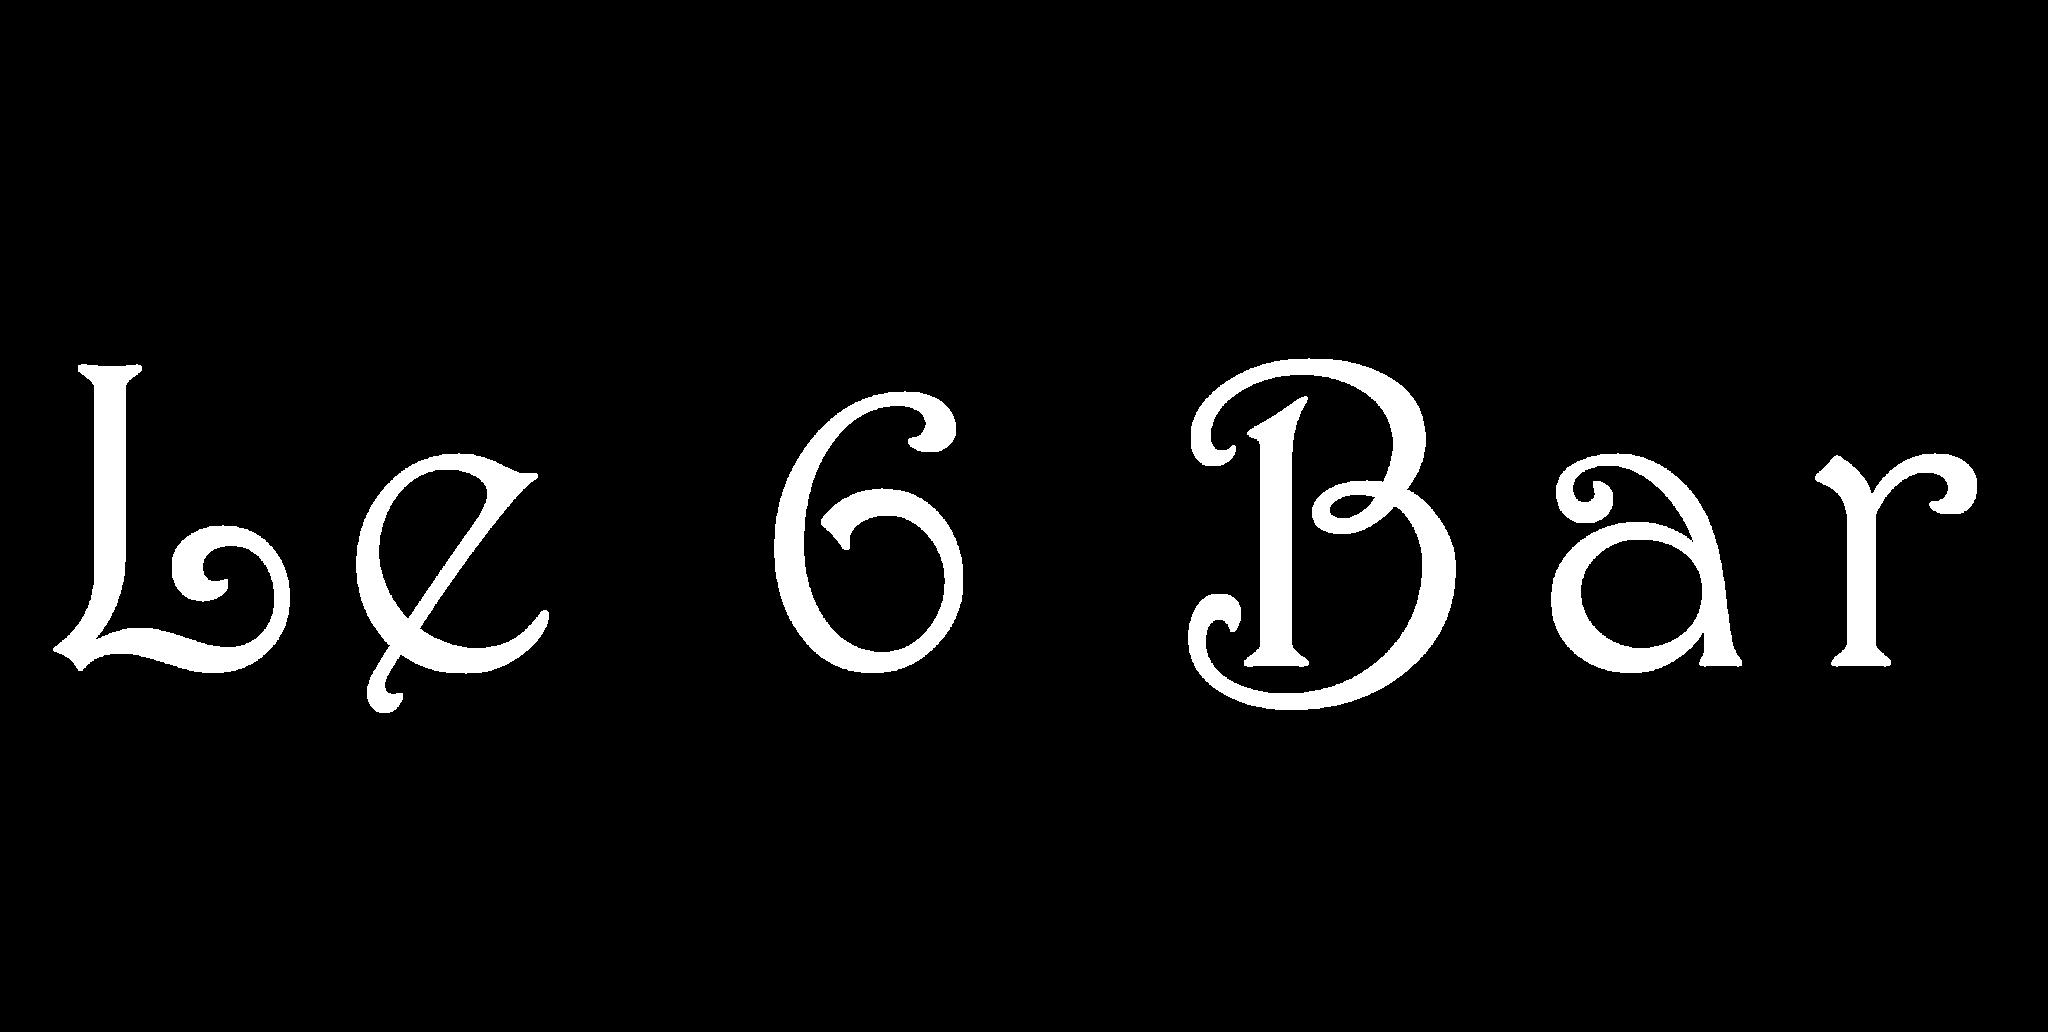 Le6Bar